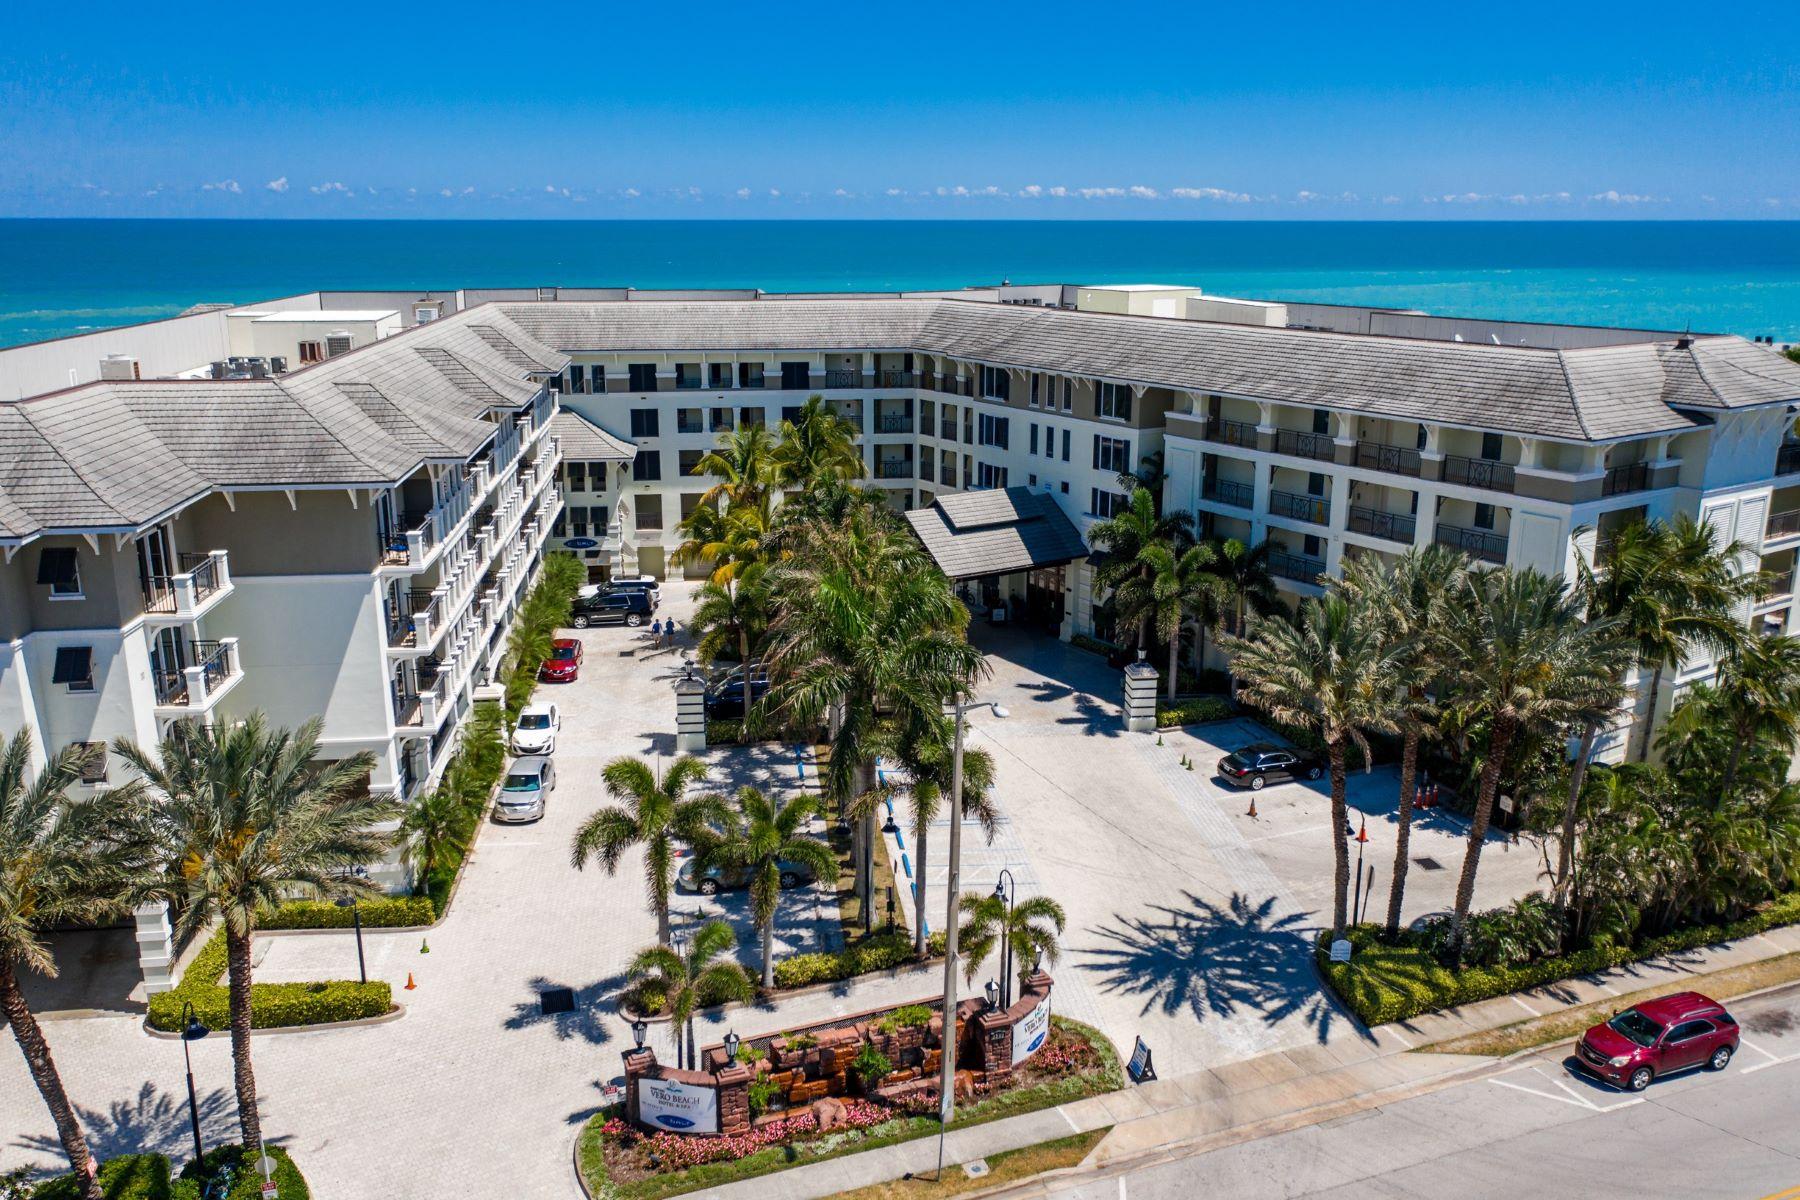 3500 Ocean Drive 3500 Ocean Drive, 106 Vero Beach, Florida 32963 Vereinigte Staaten